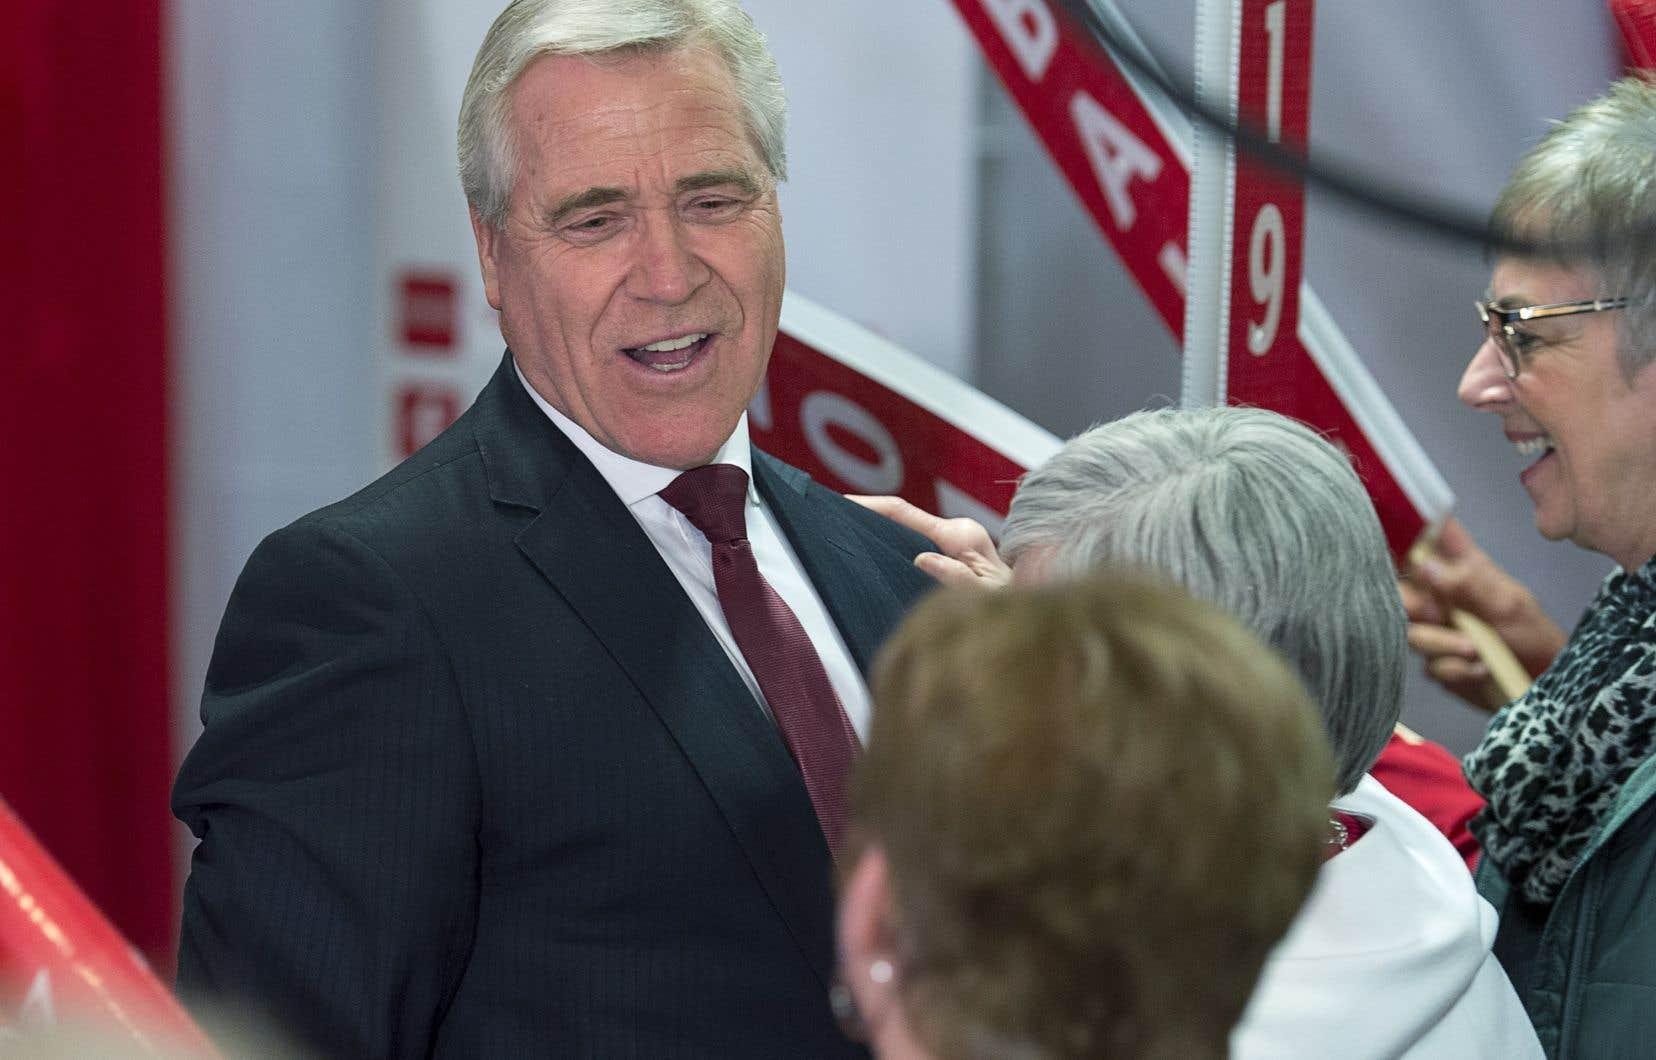 Le premier ministre réélu deTerre-Neuve-et-Labrador,Dwight Ball,a pris un ton conciliant dans un discours de victoire qui mettait l'accent sur son engagement à travailler avec d'autres membres de la législature.